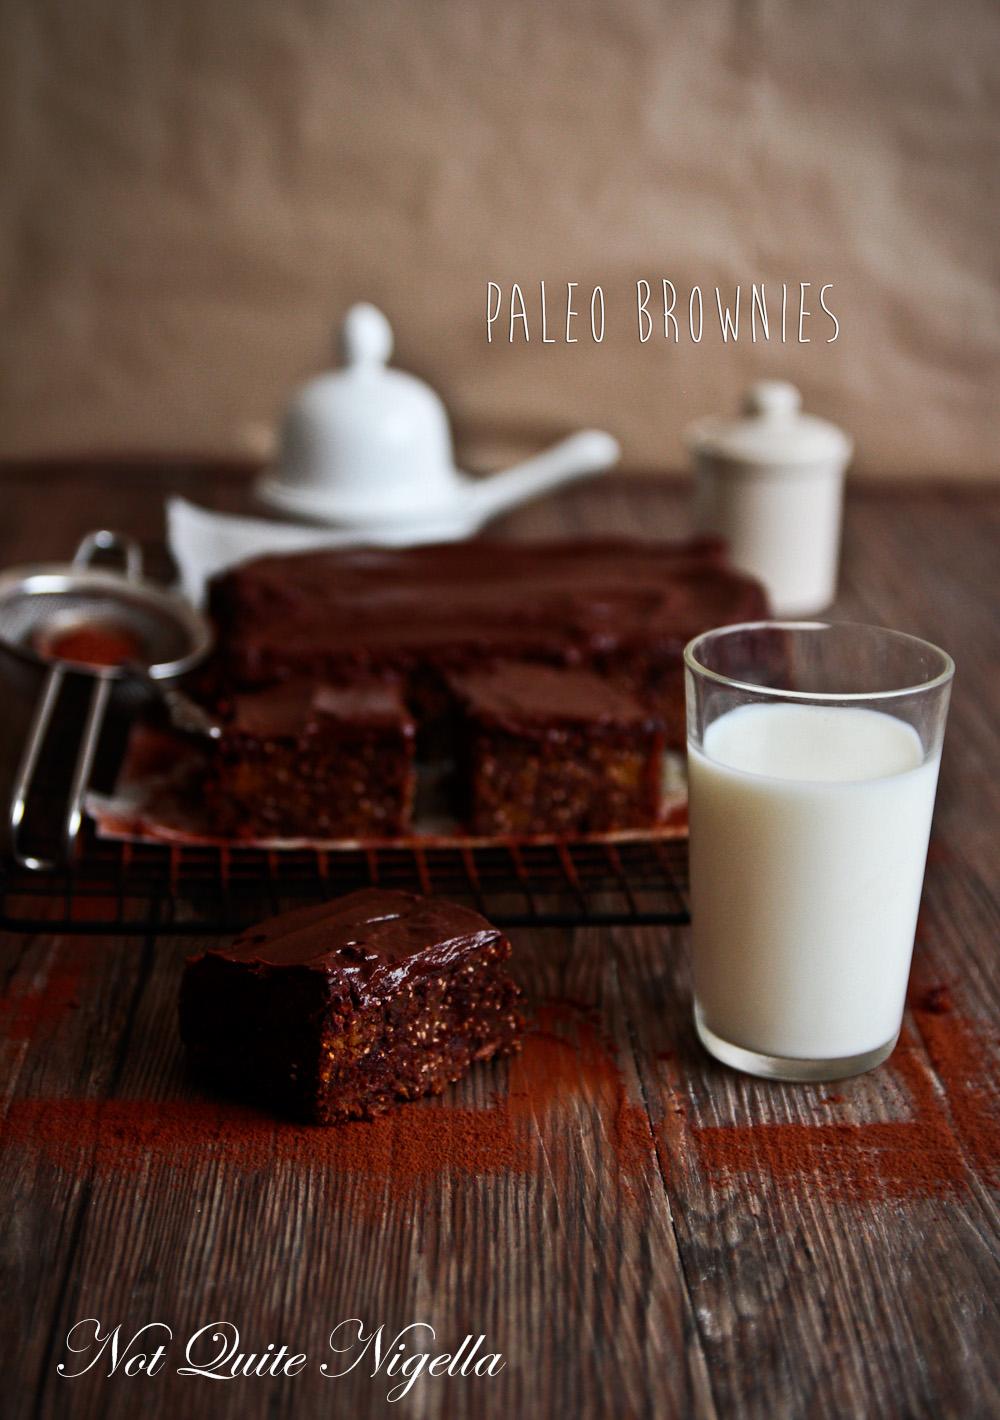 Paleo Brownies